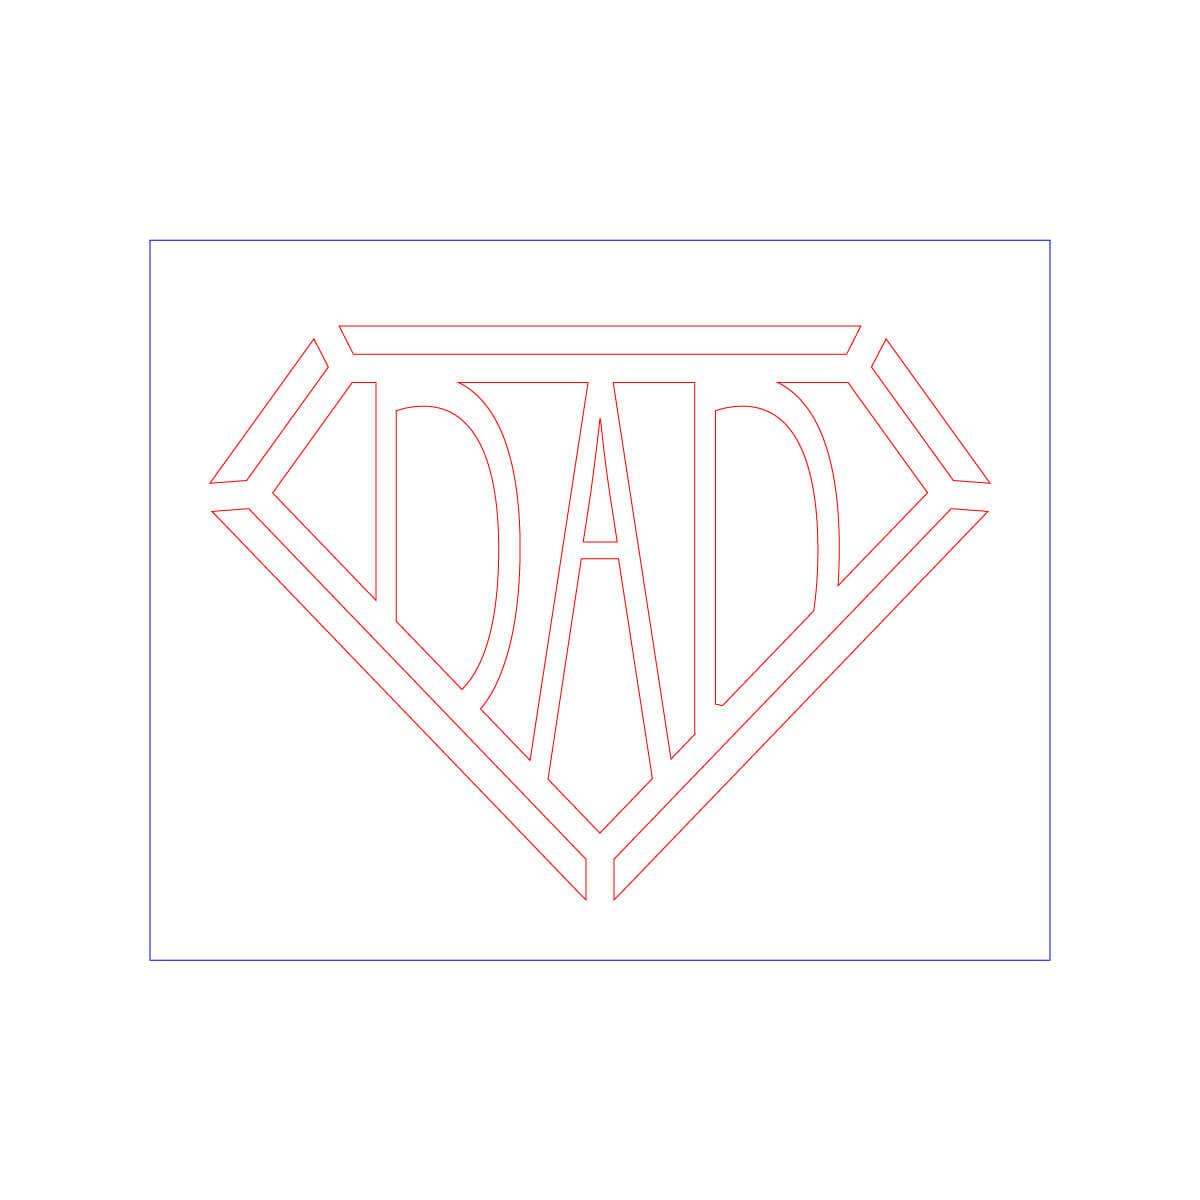 Dadマーク(ステンシル)